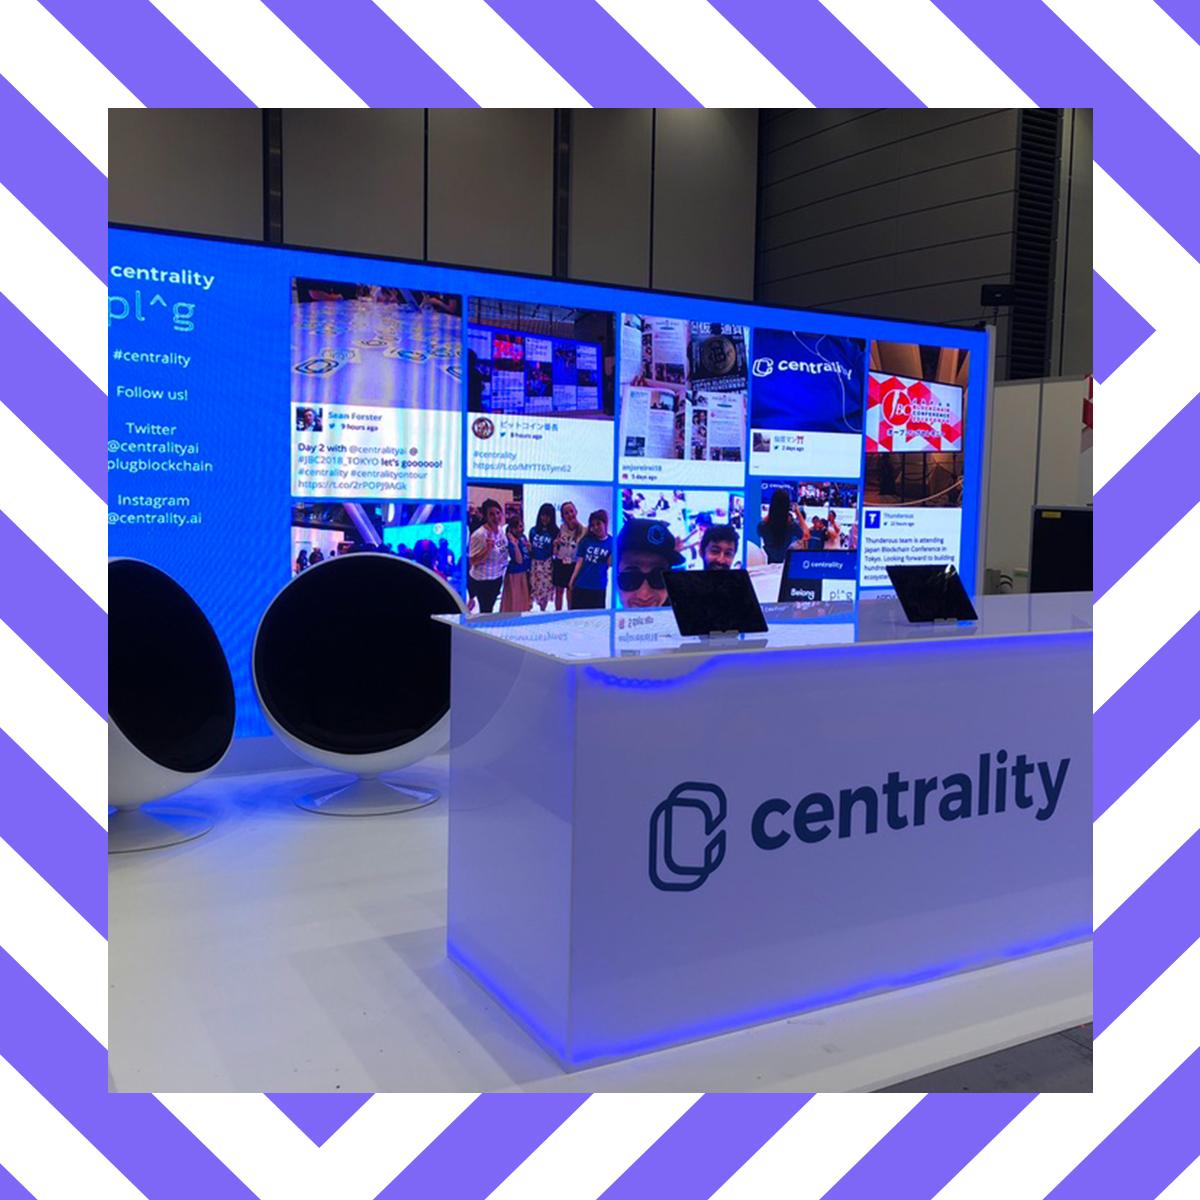 delight_centrality.jpg